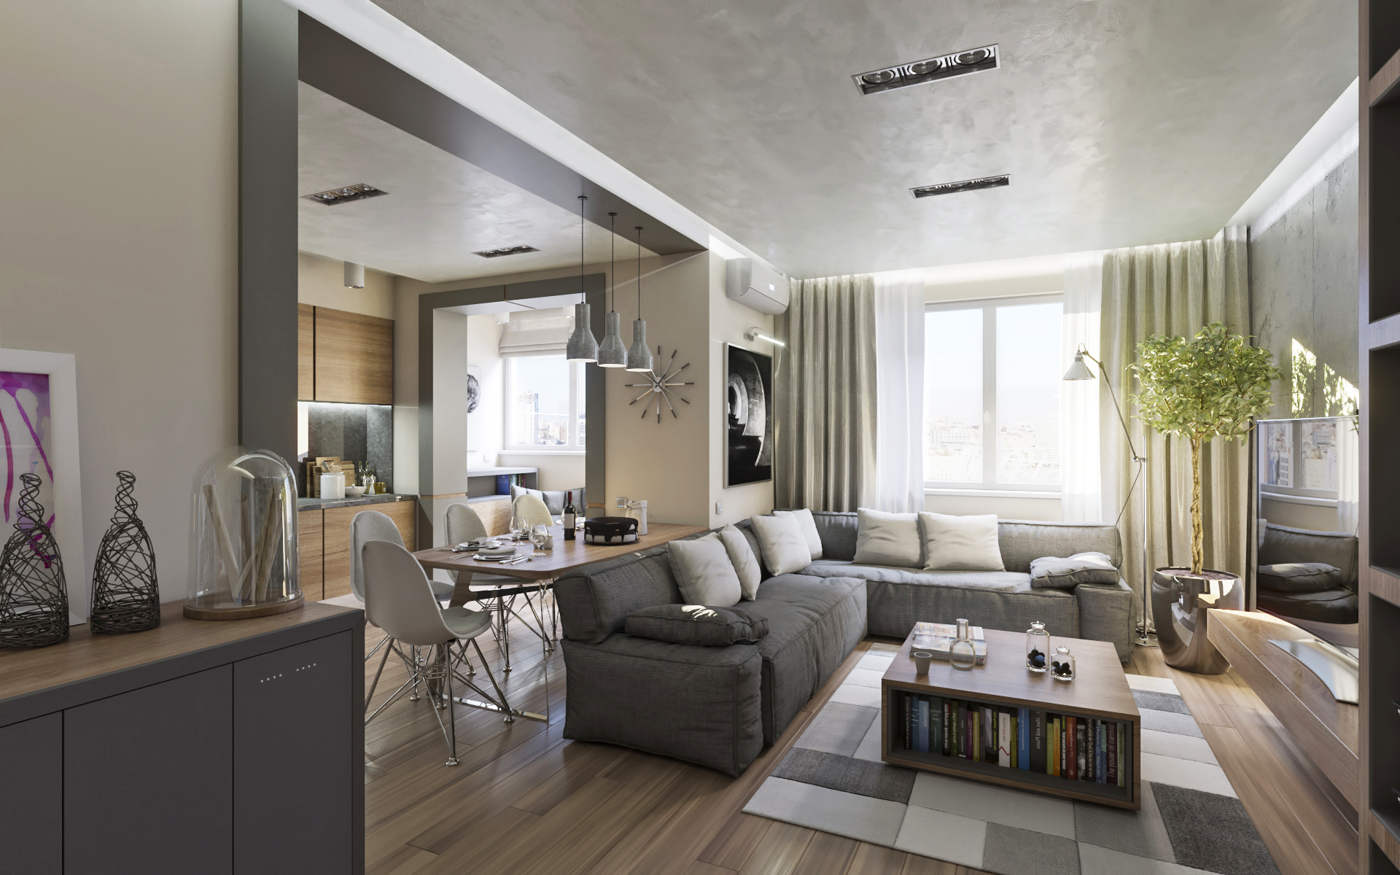 Дизайн нтерьера гостинной и кухни Киев, ЖК Малахит, минимализм, скандинавский стиль